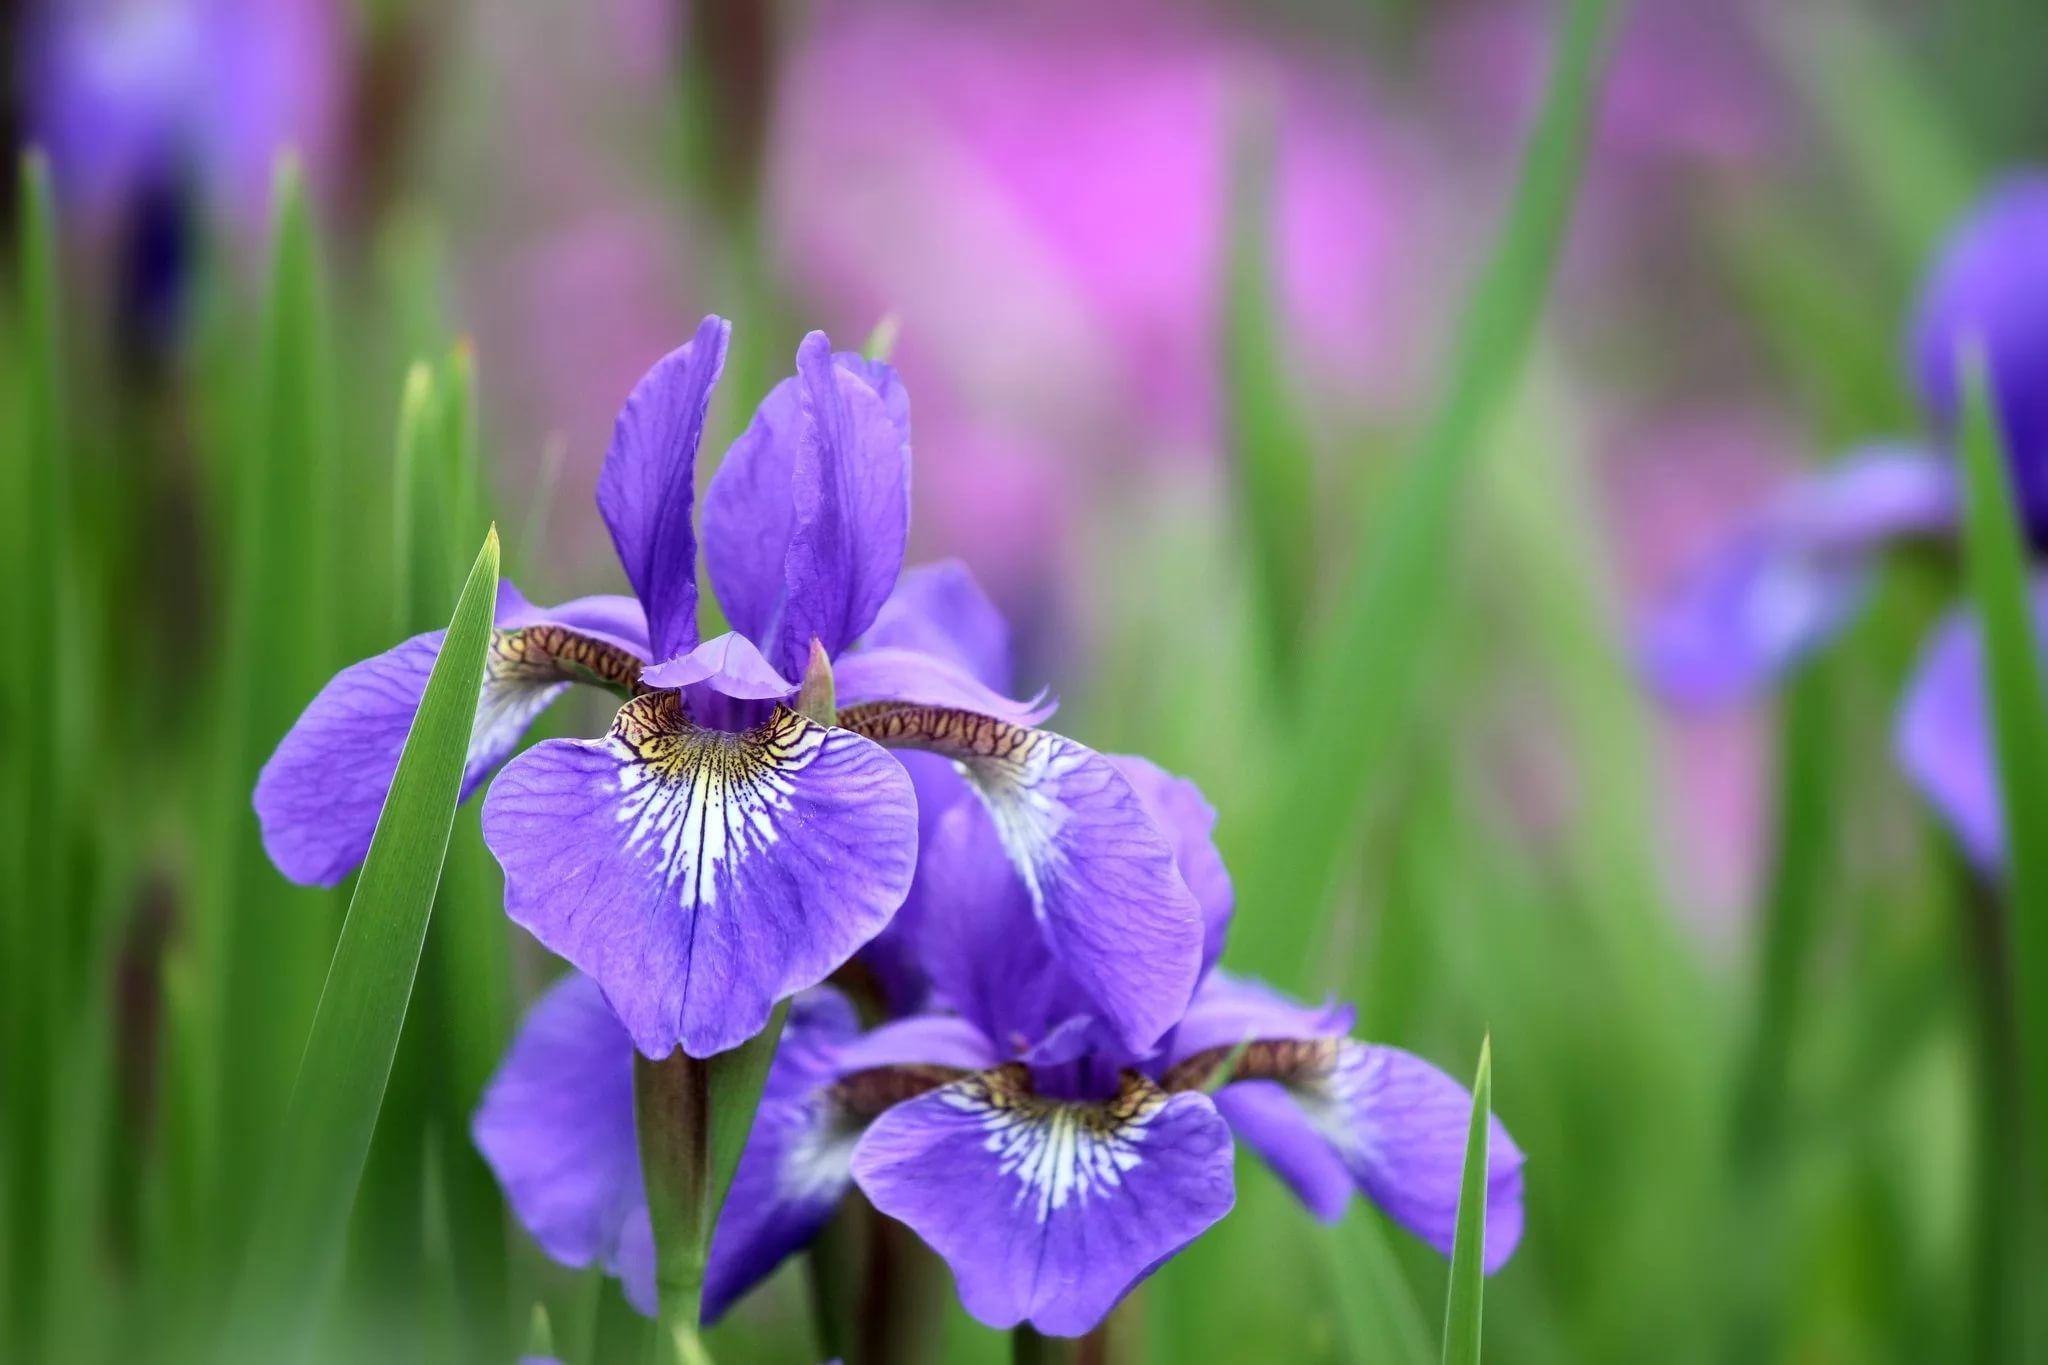 Картинки с фиолетовыми цветами в высоком качестве, картинки англии